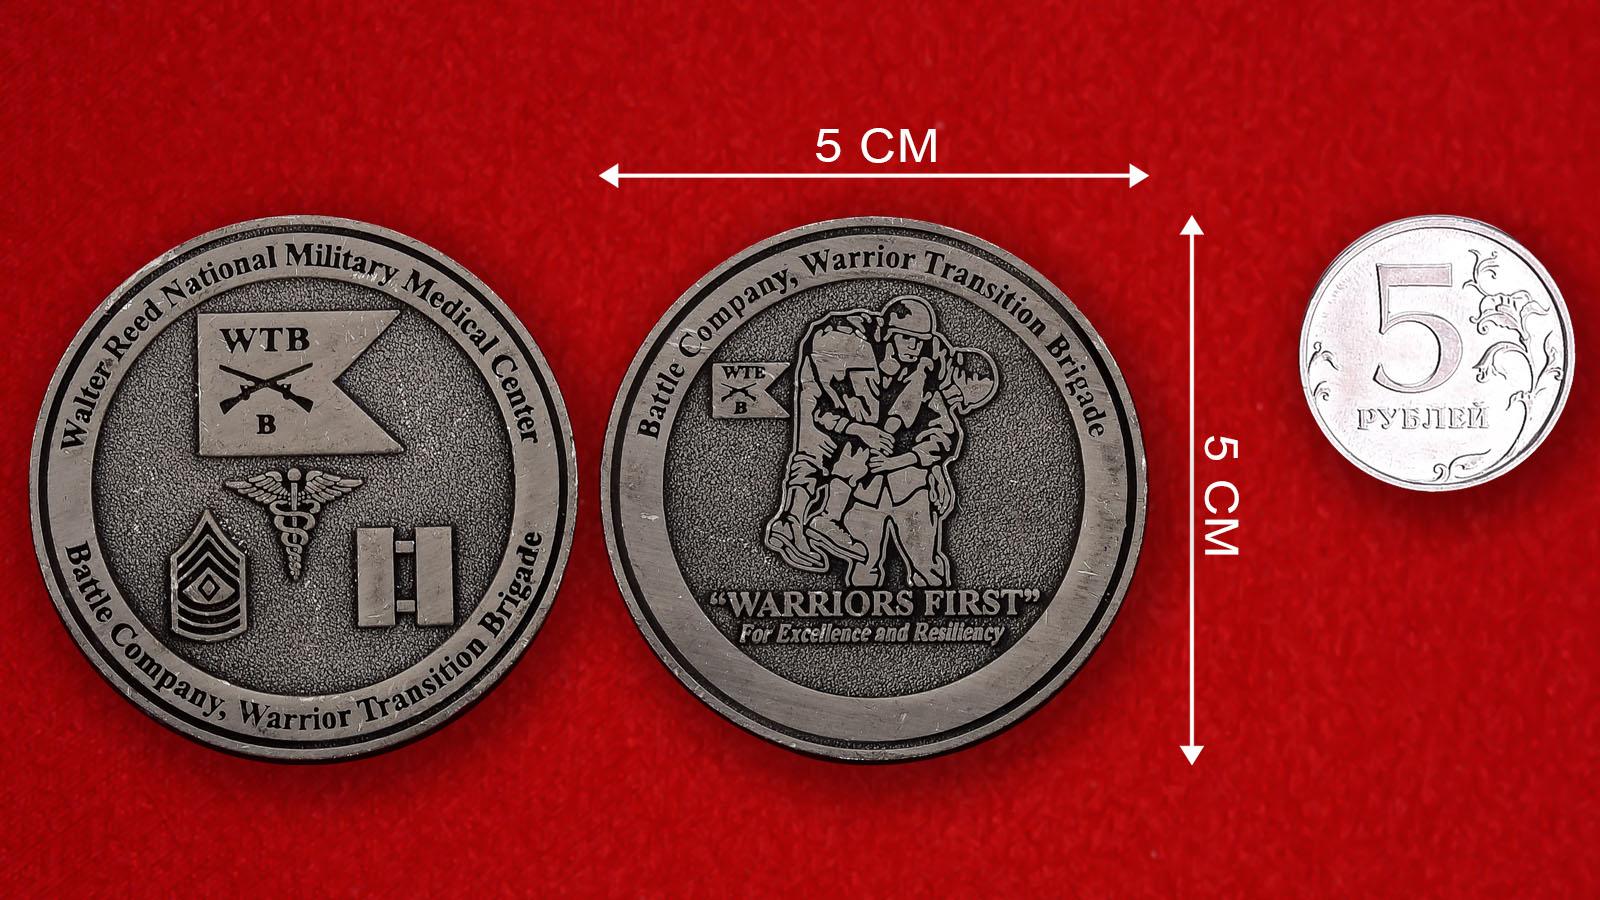 Челлендж коин Национального Военного медицинского центра имени Уолтера Рида